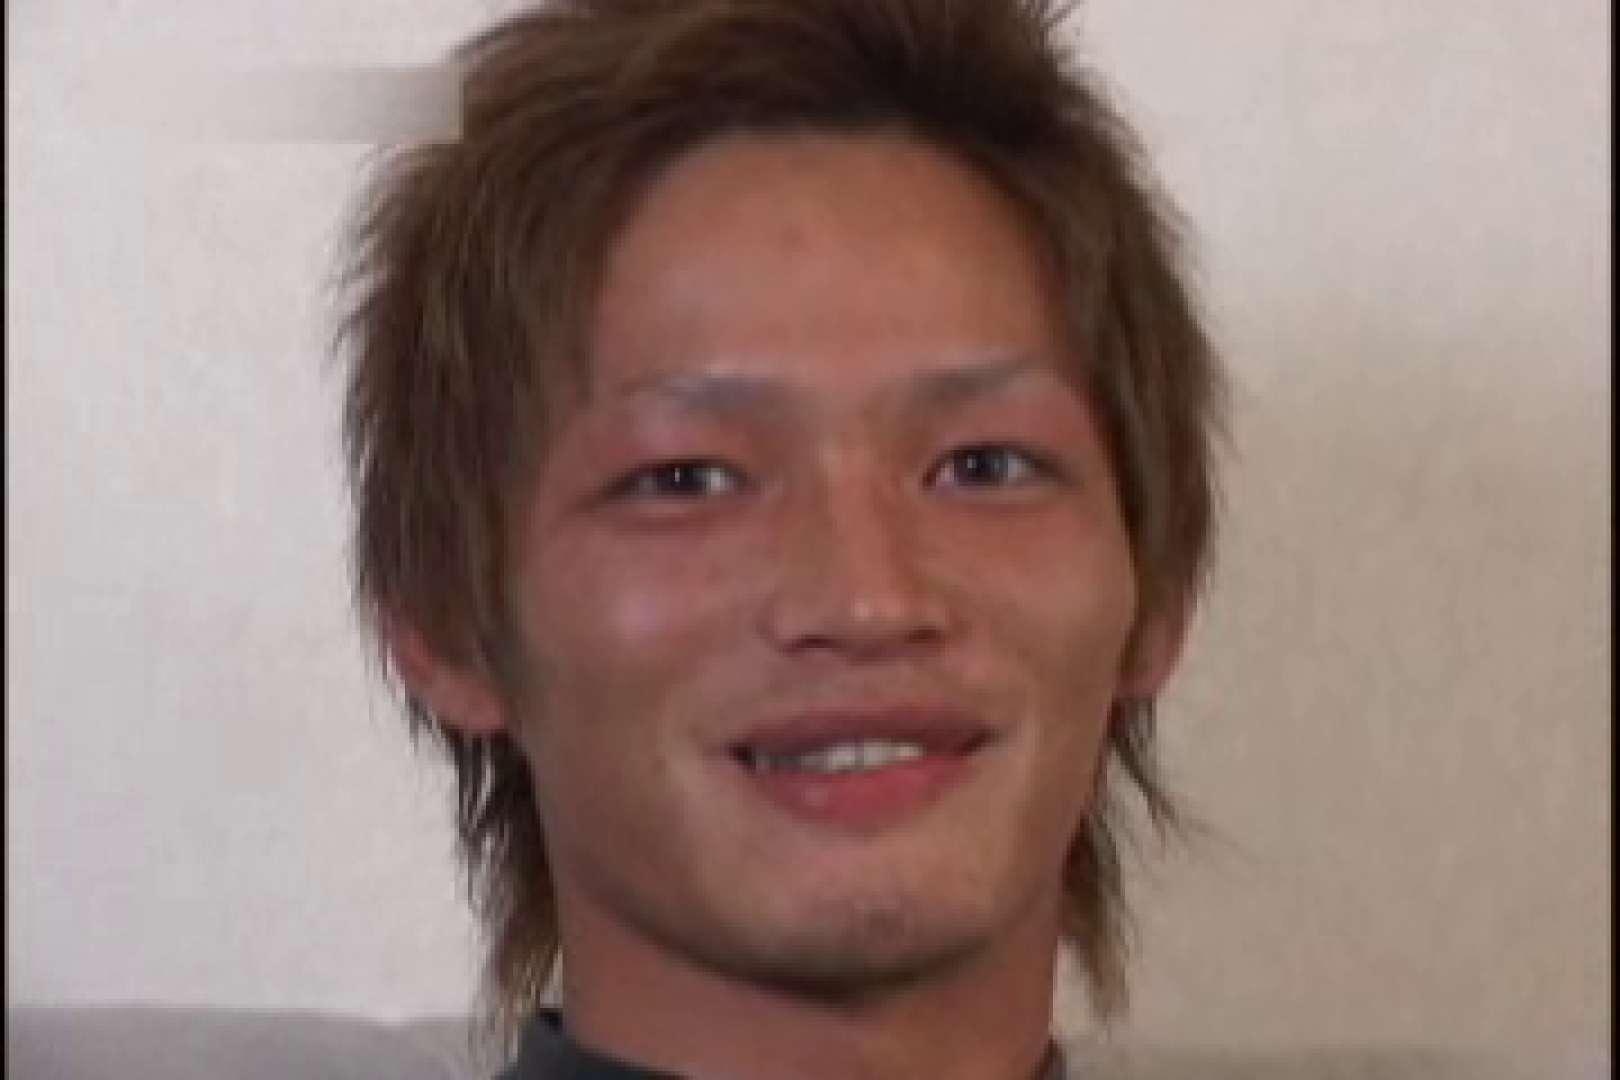 【期間限定】大集合!!カッコ可愛いメンズの一穴入根!!vol.56 男・男 ゲイモロ画像 75pic 24